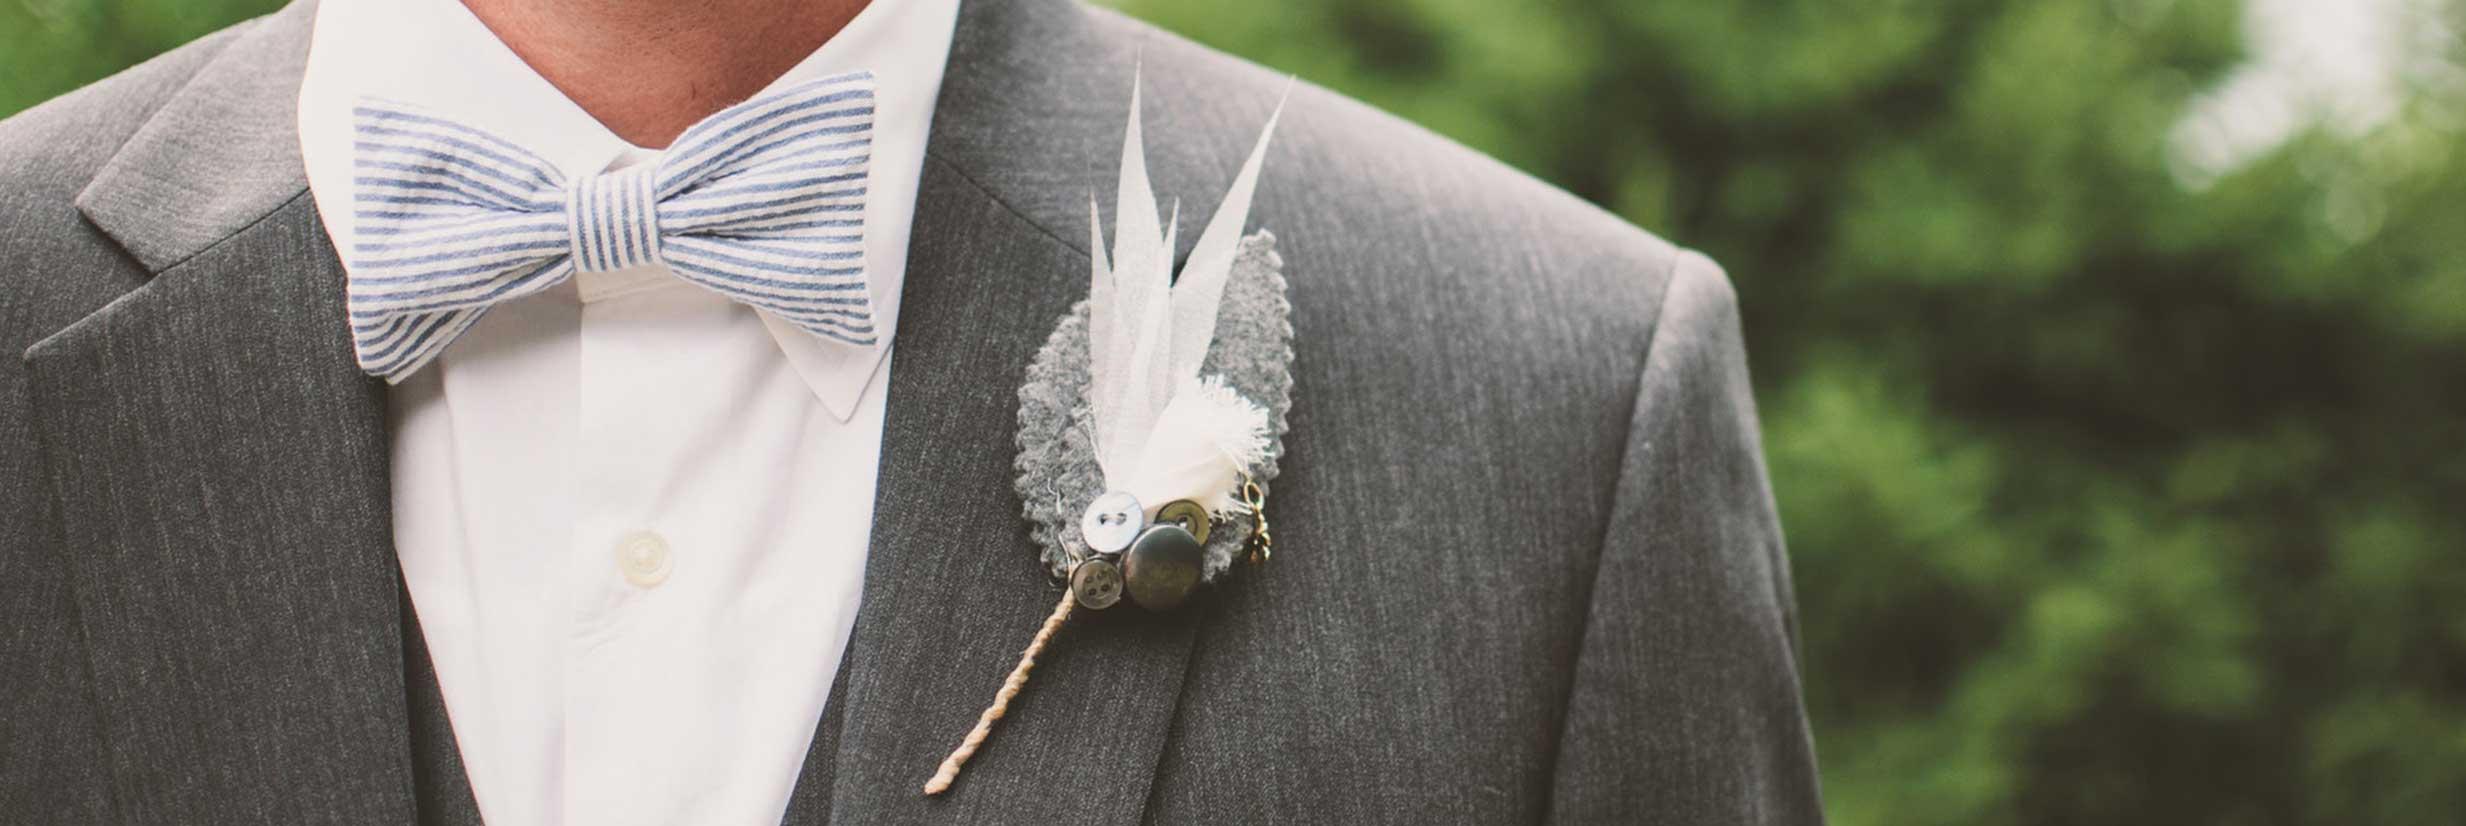 Męska przypinka do butonierki z białymi piórami.